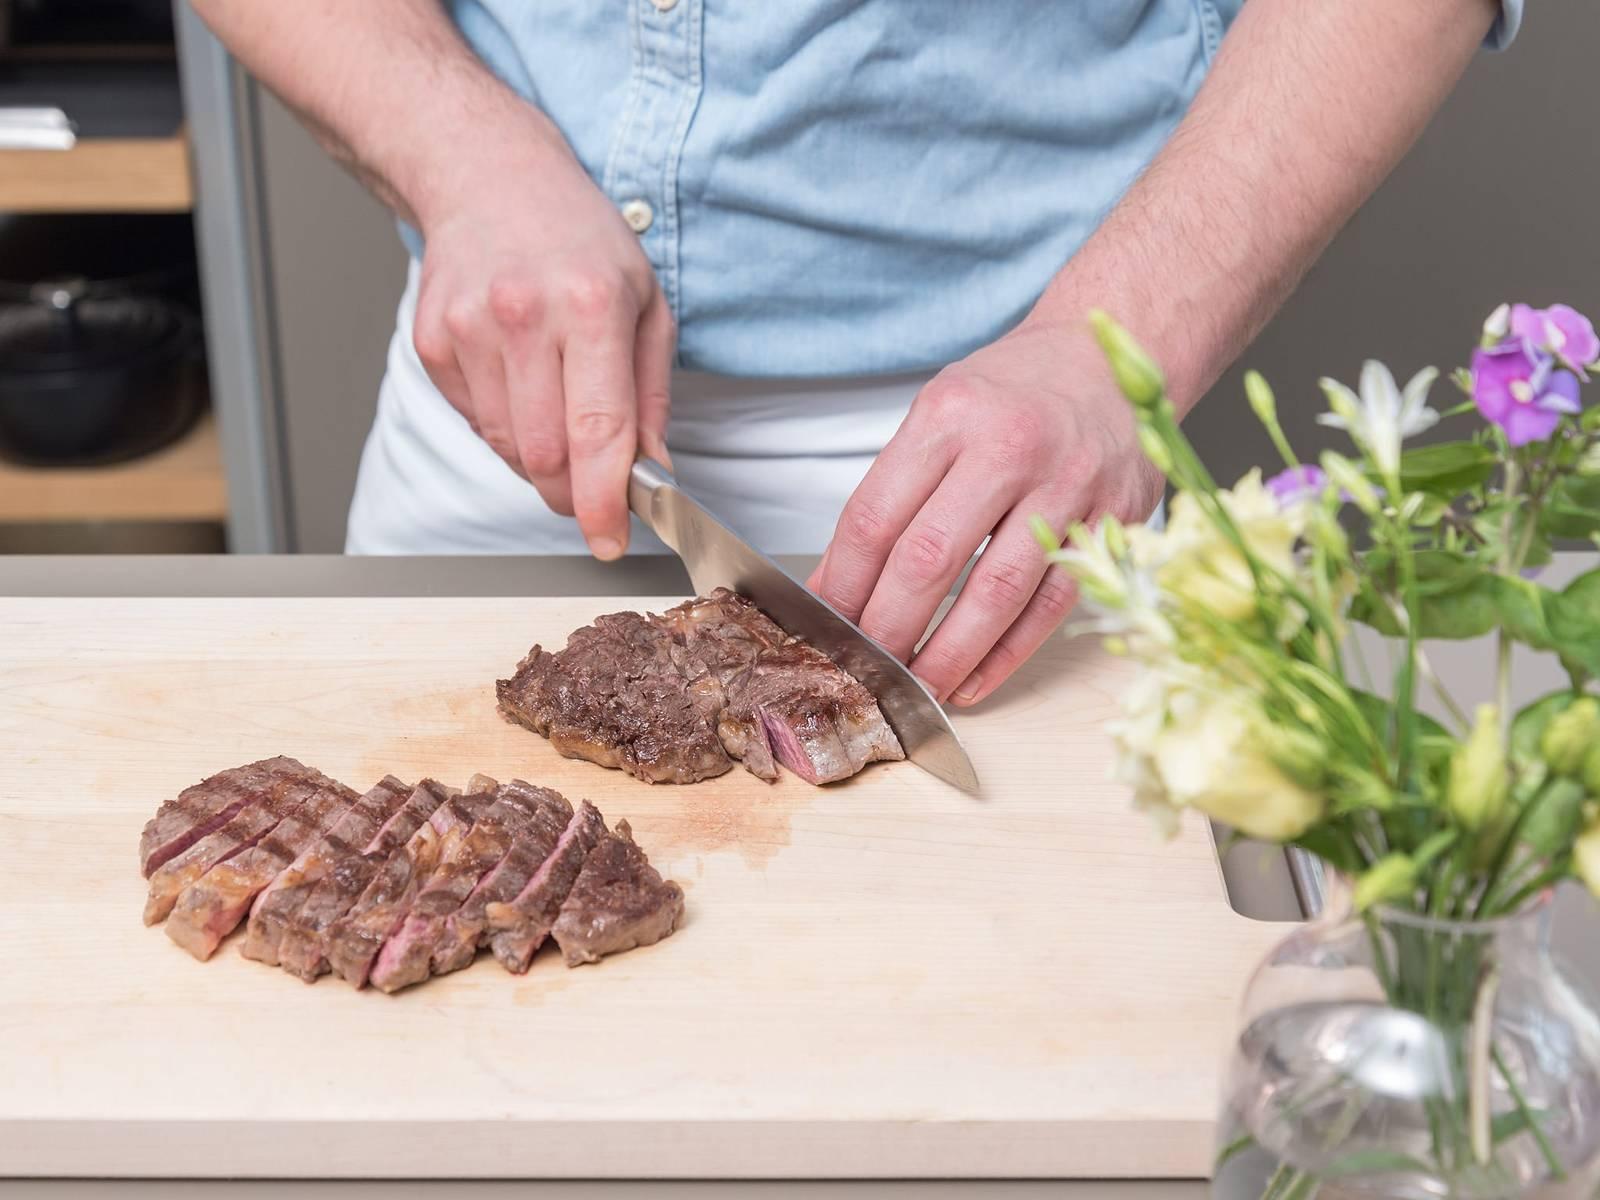 Steaks aus dem Backofen nehmen, kurz abkühlen lassen und ca. 3-5 Min. in Alufolie verpacken. Anschließend in Scheiben schneiden. Mit Ofenkartoffeln und Pico de gallo servieren und genießen!